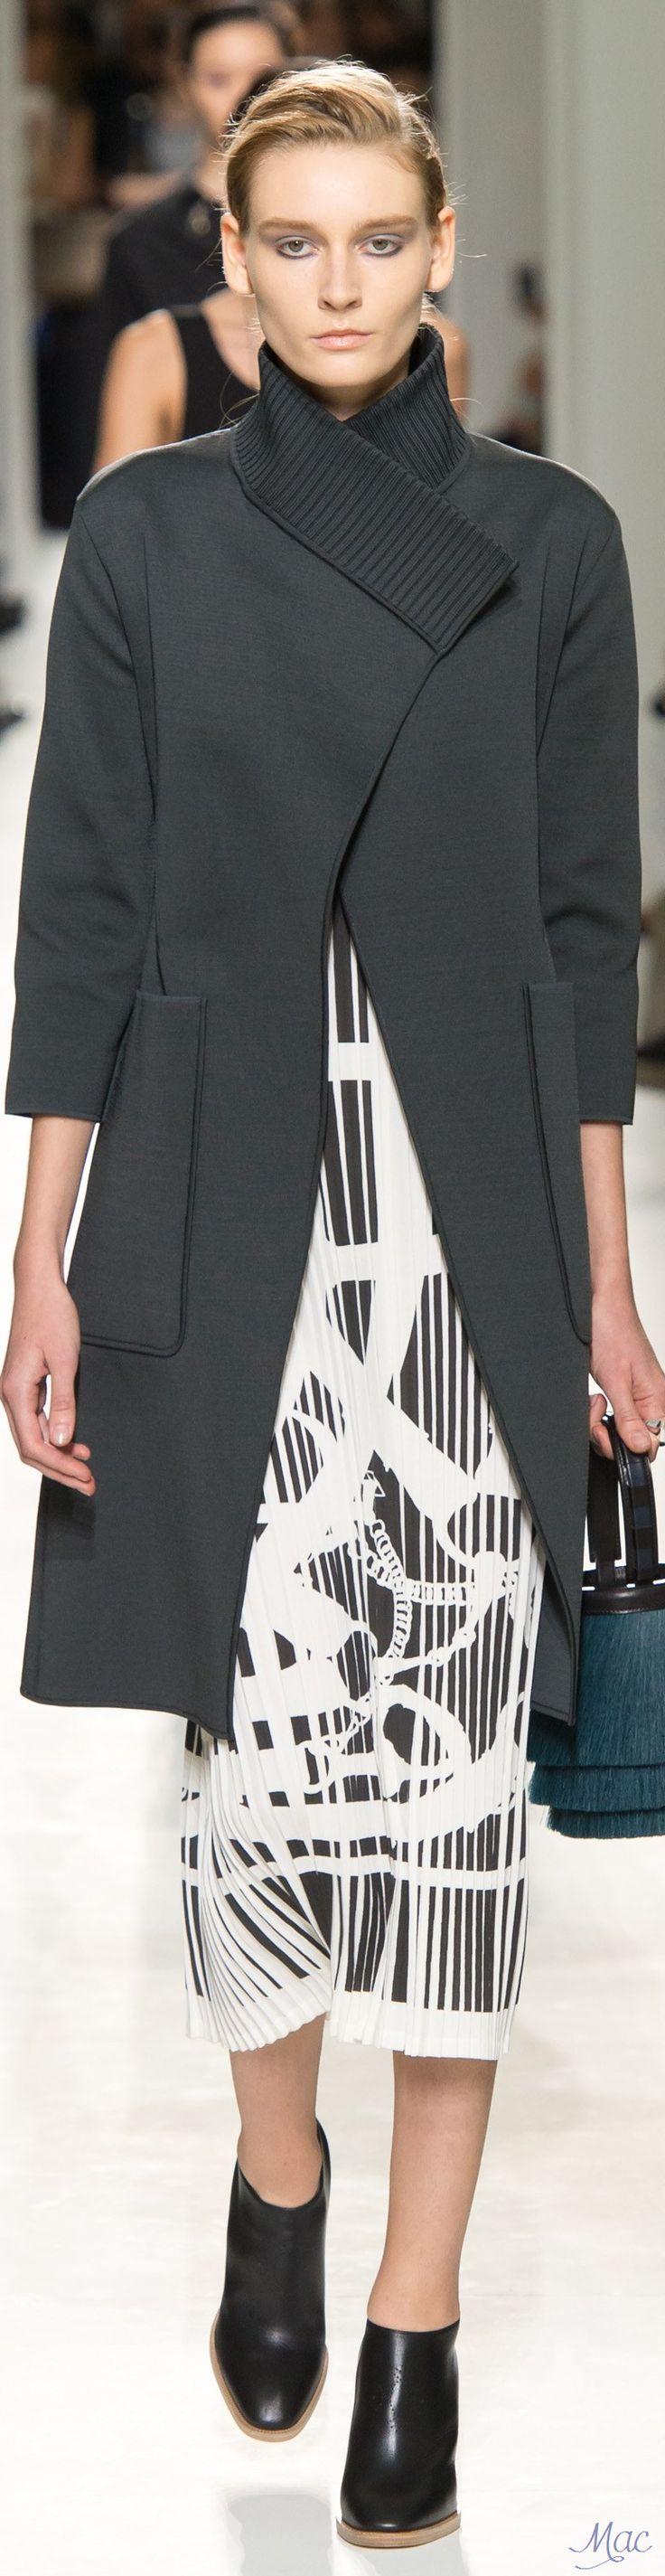 Spring 2017 Ready-to-Wear Hermès